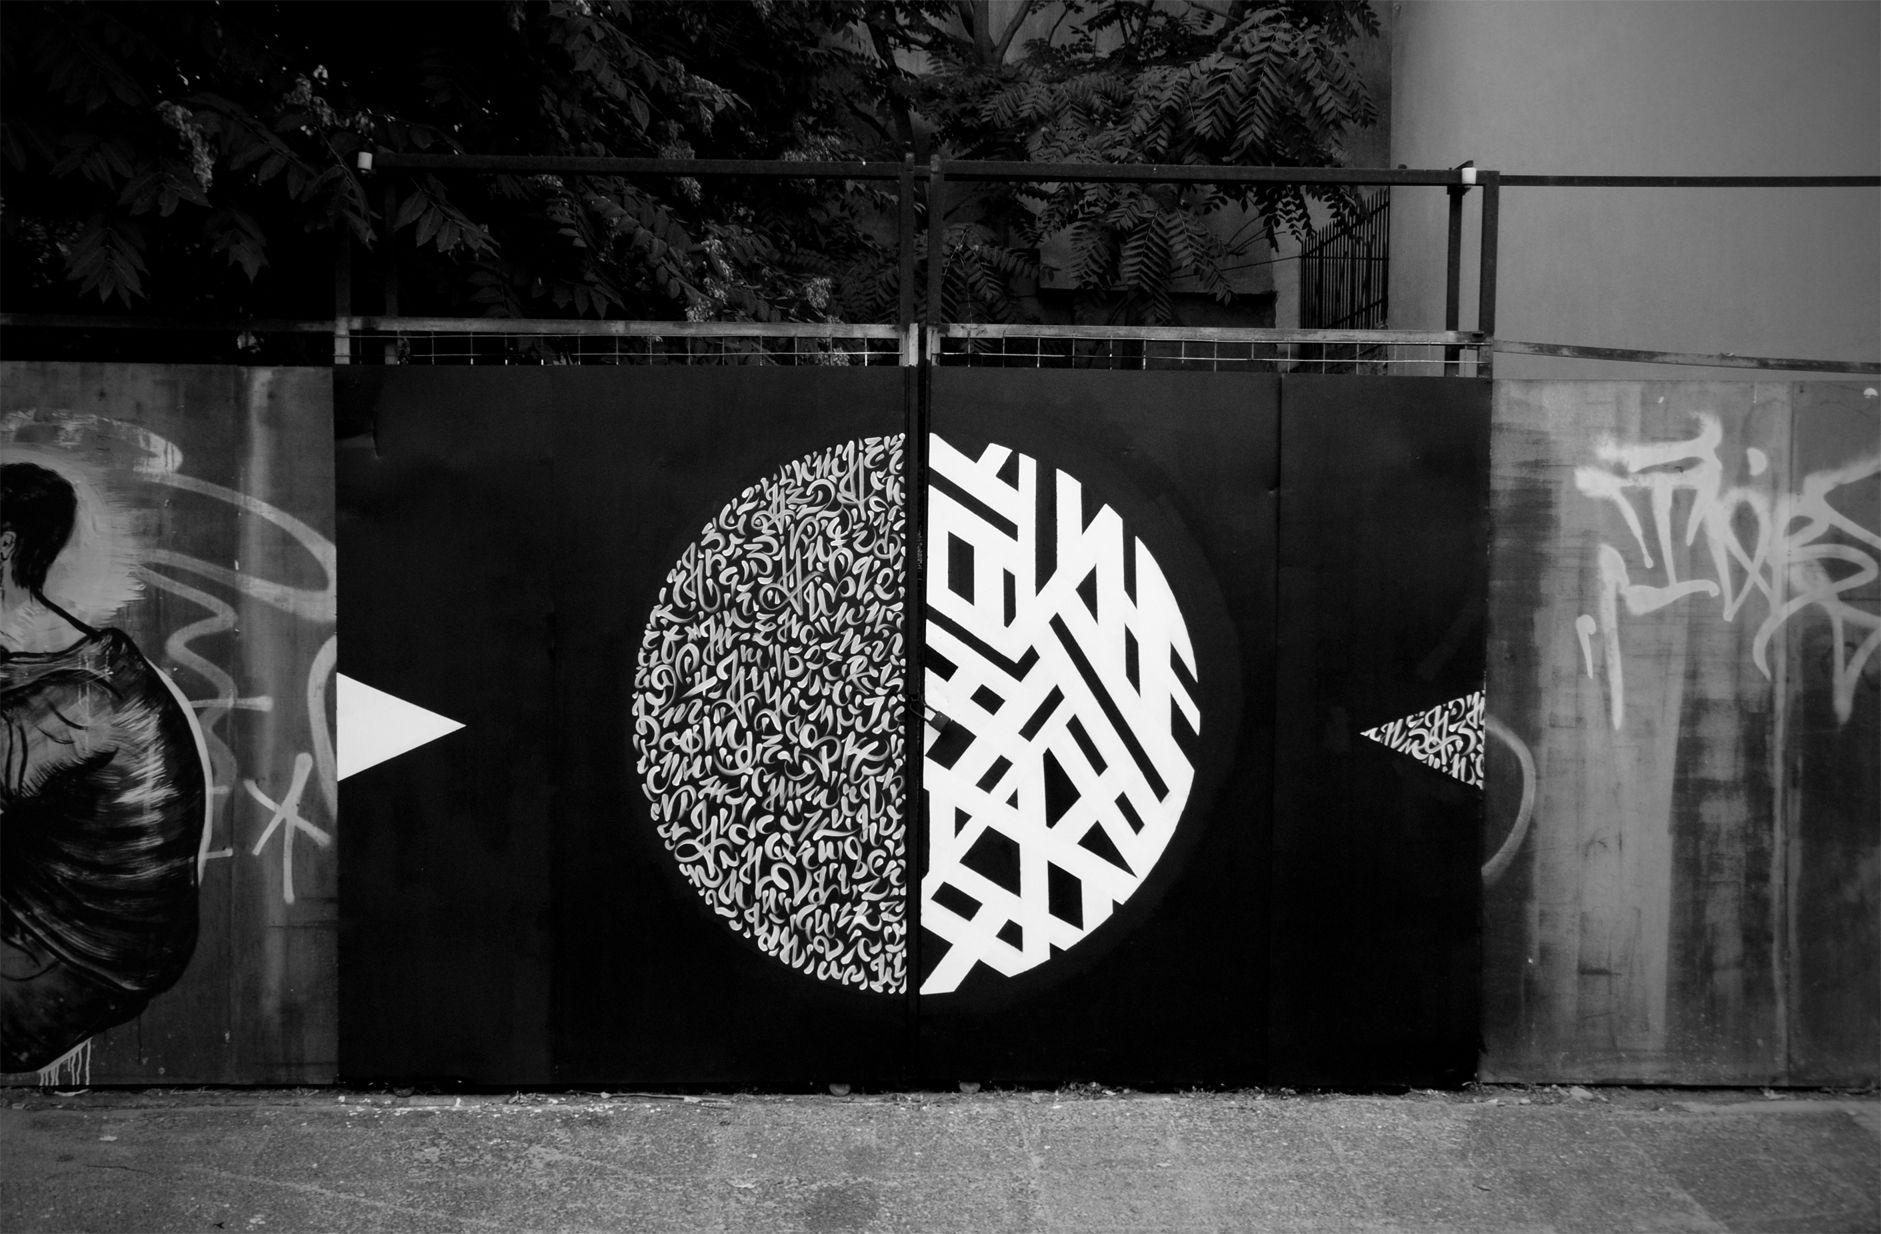 Blaqk blaqktumblr art pinterest street art